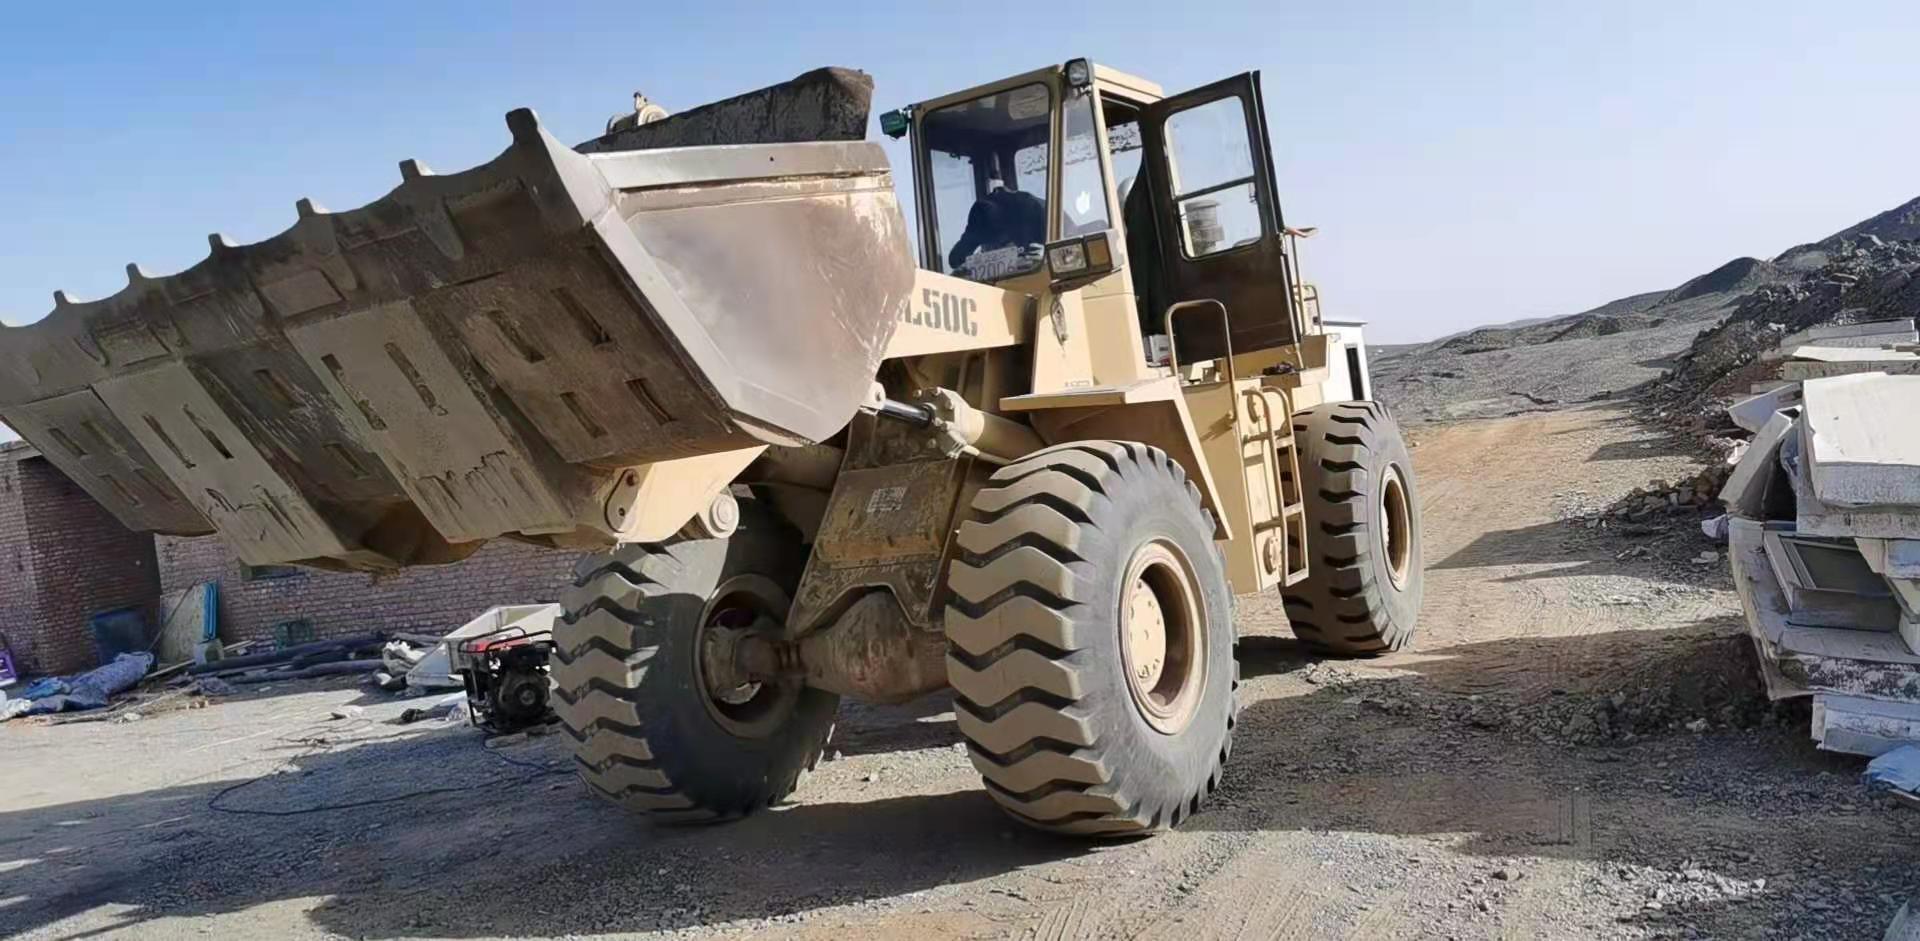 克拉玛依 乌尔禾区客户订购一台装载机称 已安装调试完毕